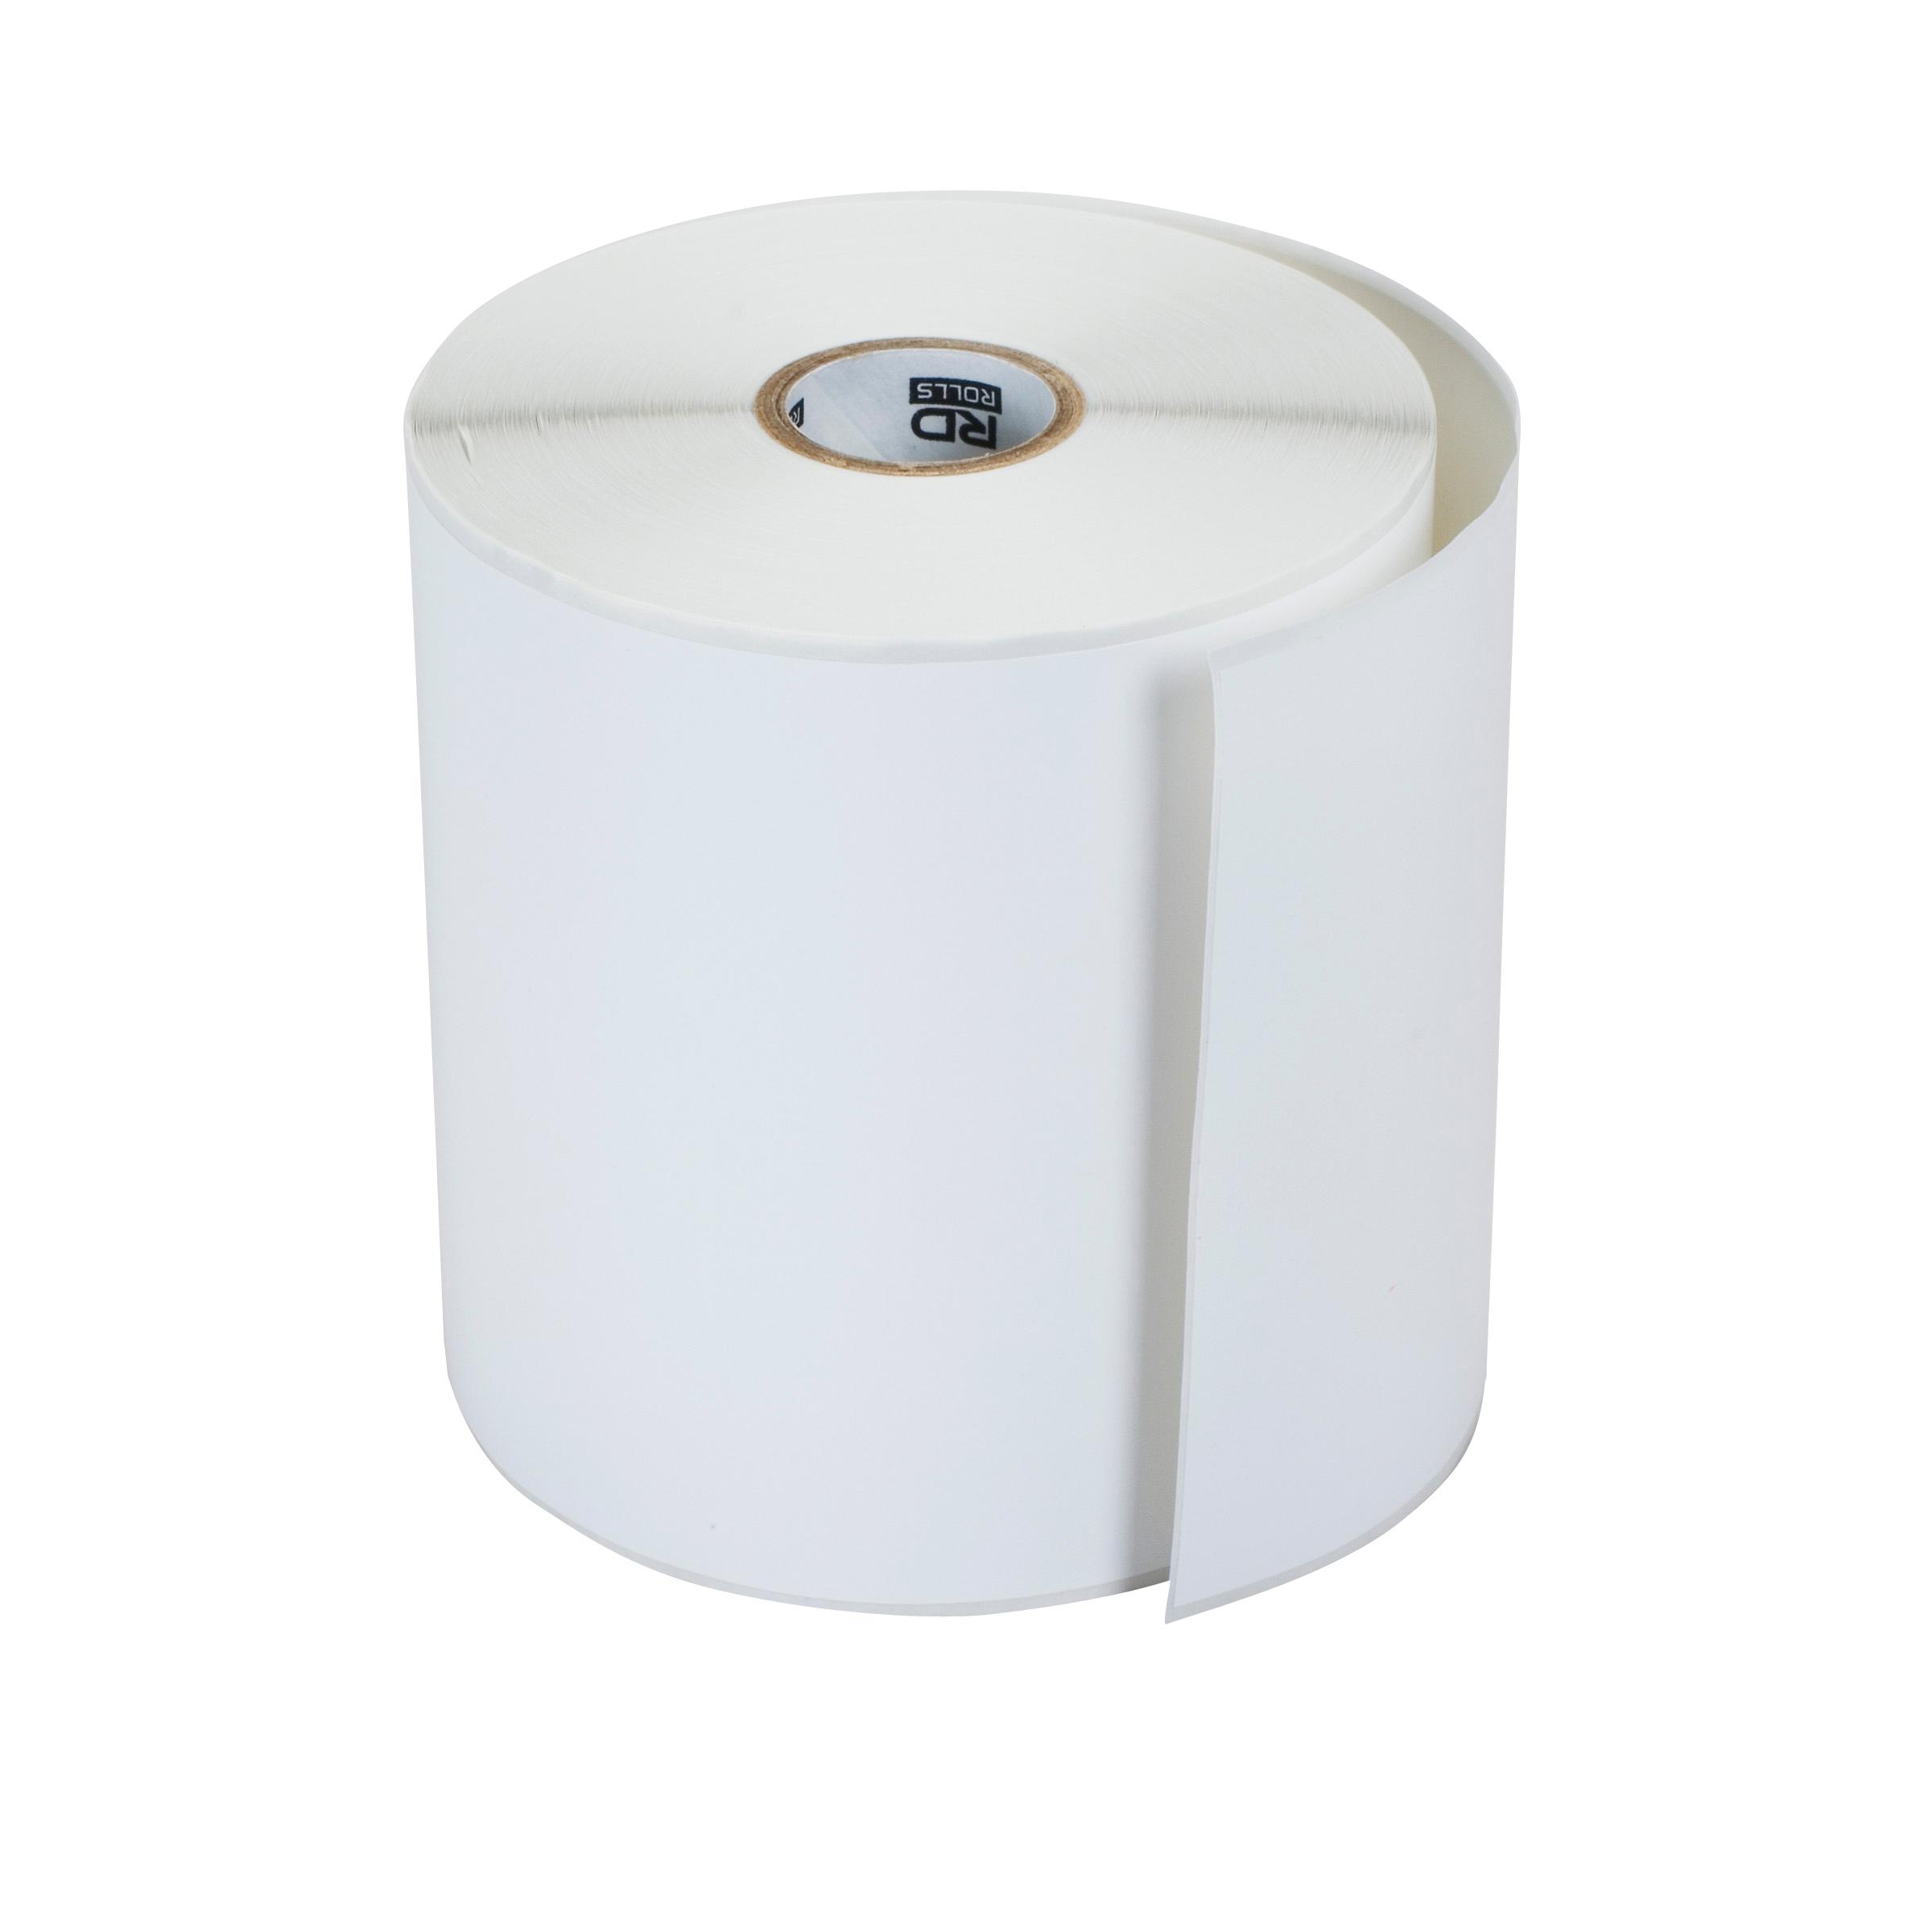 RDM - continuous paper - premium